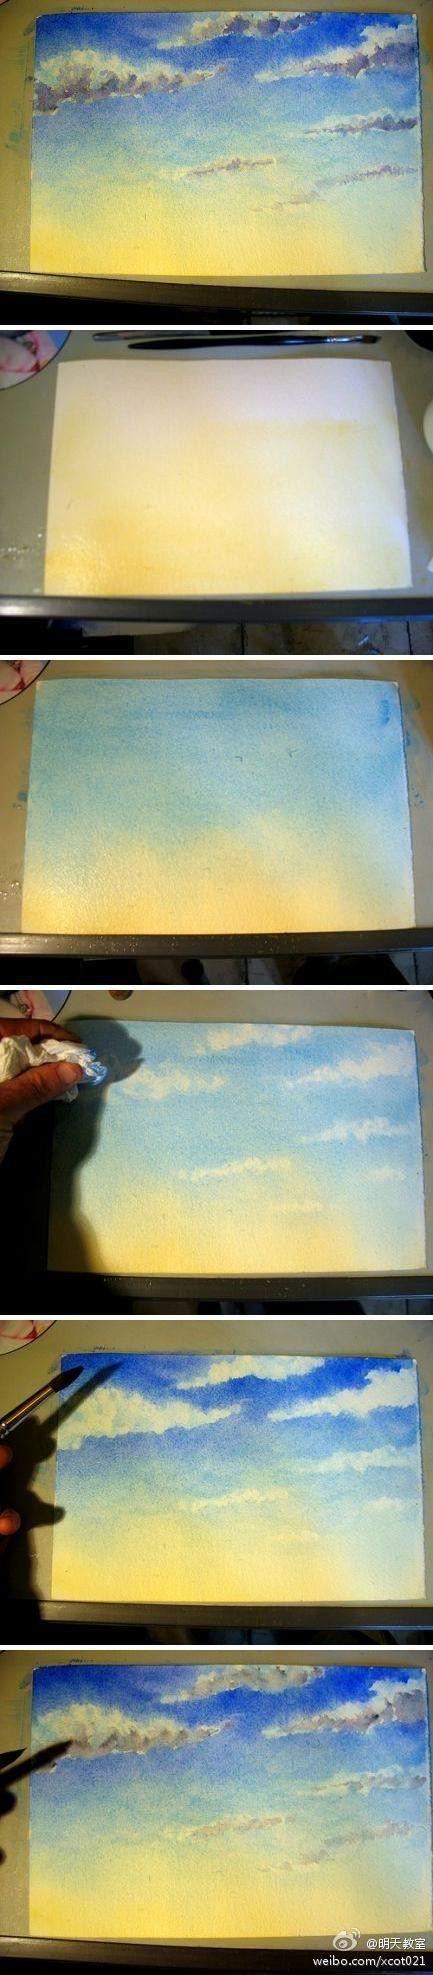 分享一个天空的详细水彩步骤~一开始用黄色...